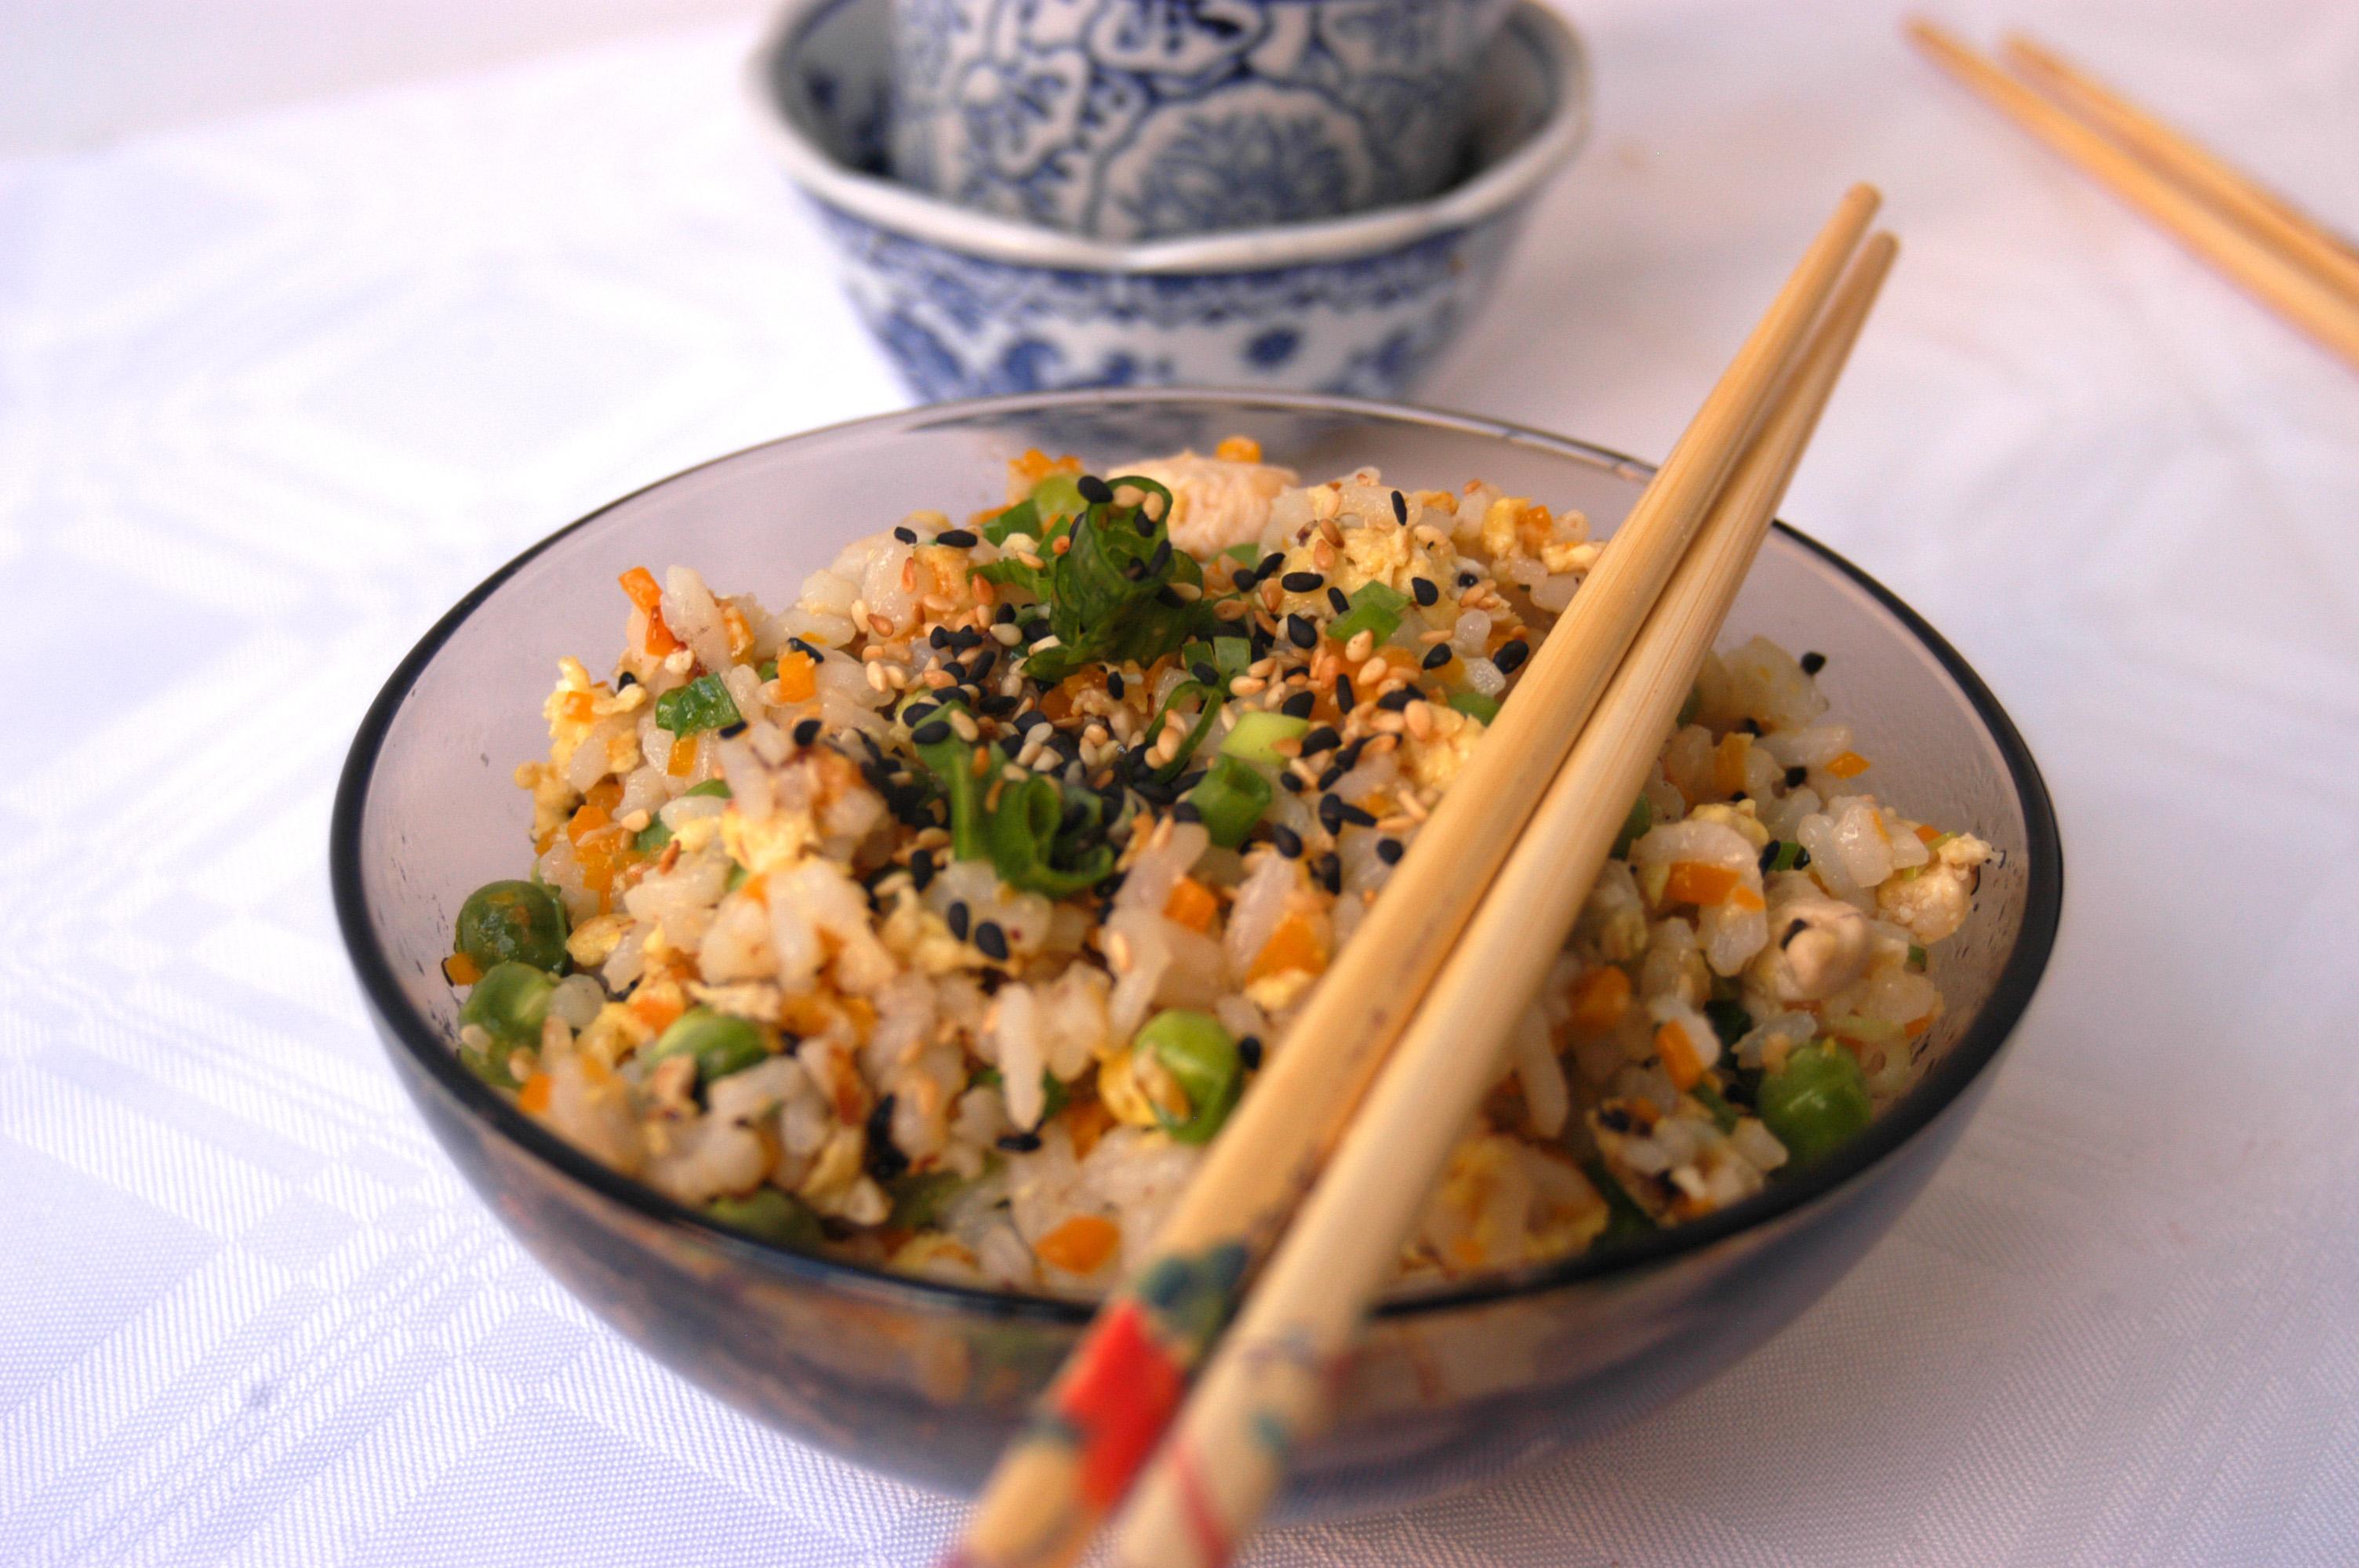 Yakimeshi comida r pida y saludable momentos gastronomicos - Comidas saludables y faciles de preparar ...